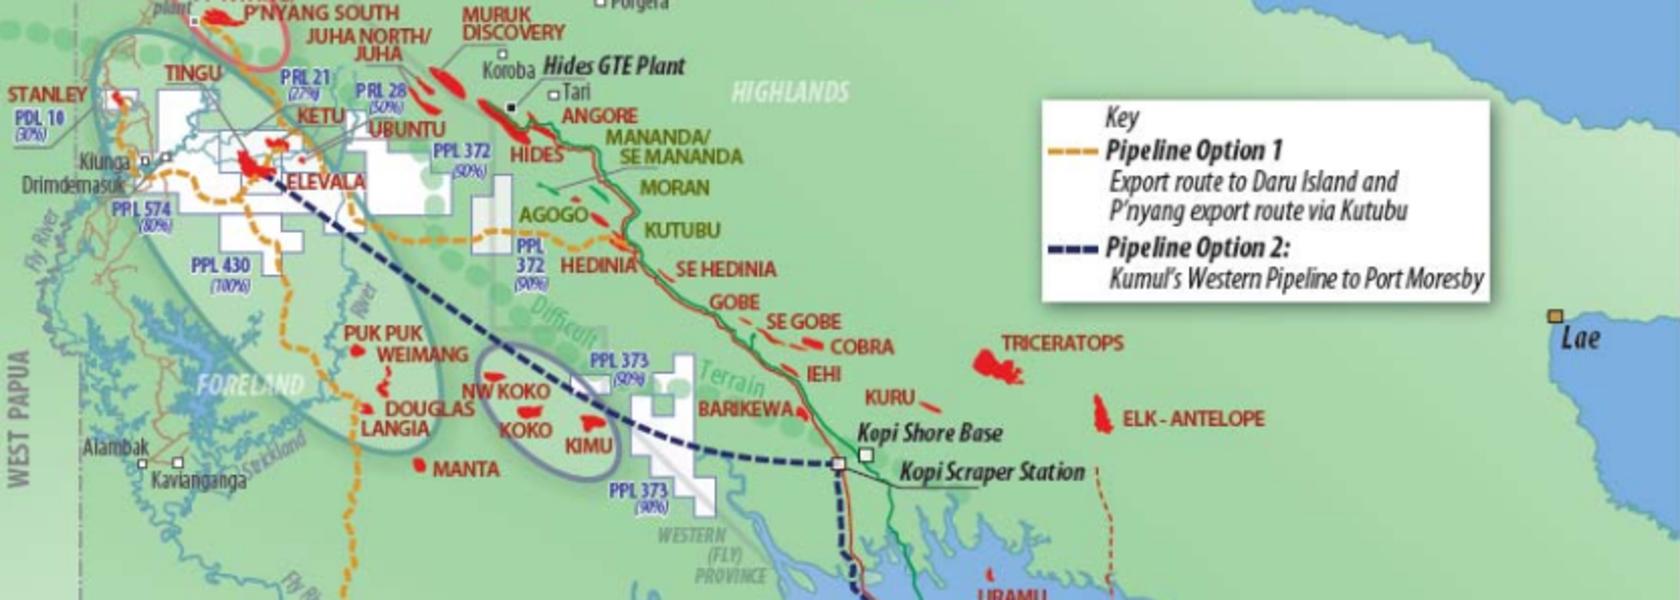 Kumul working on Western Pipeline.